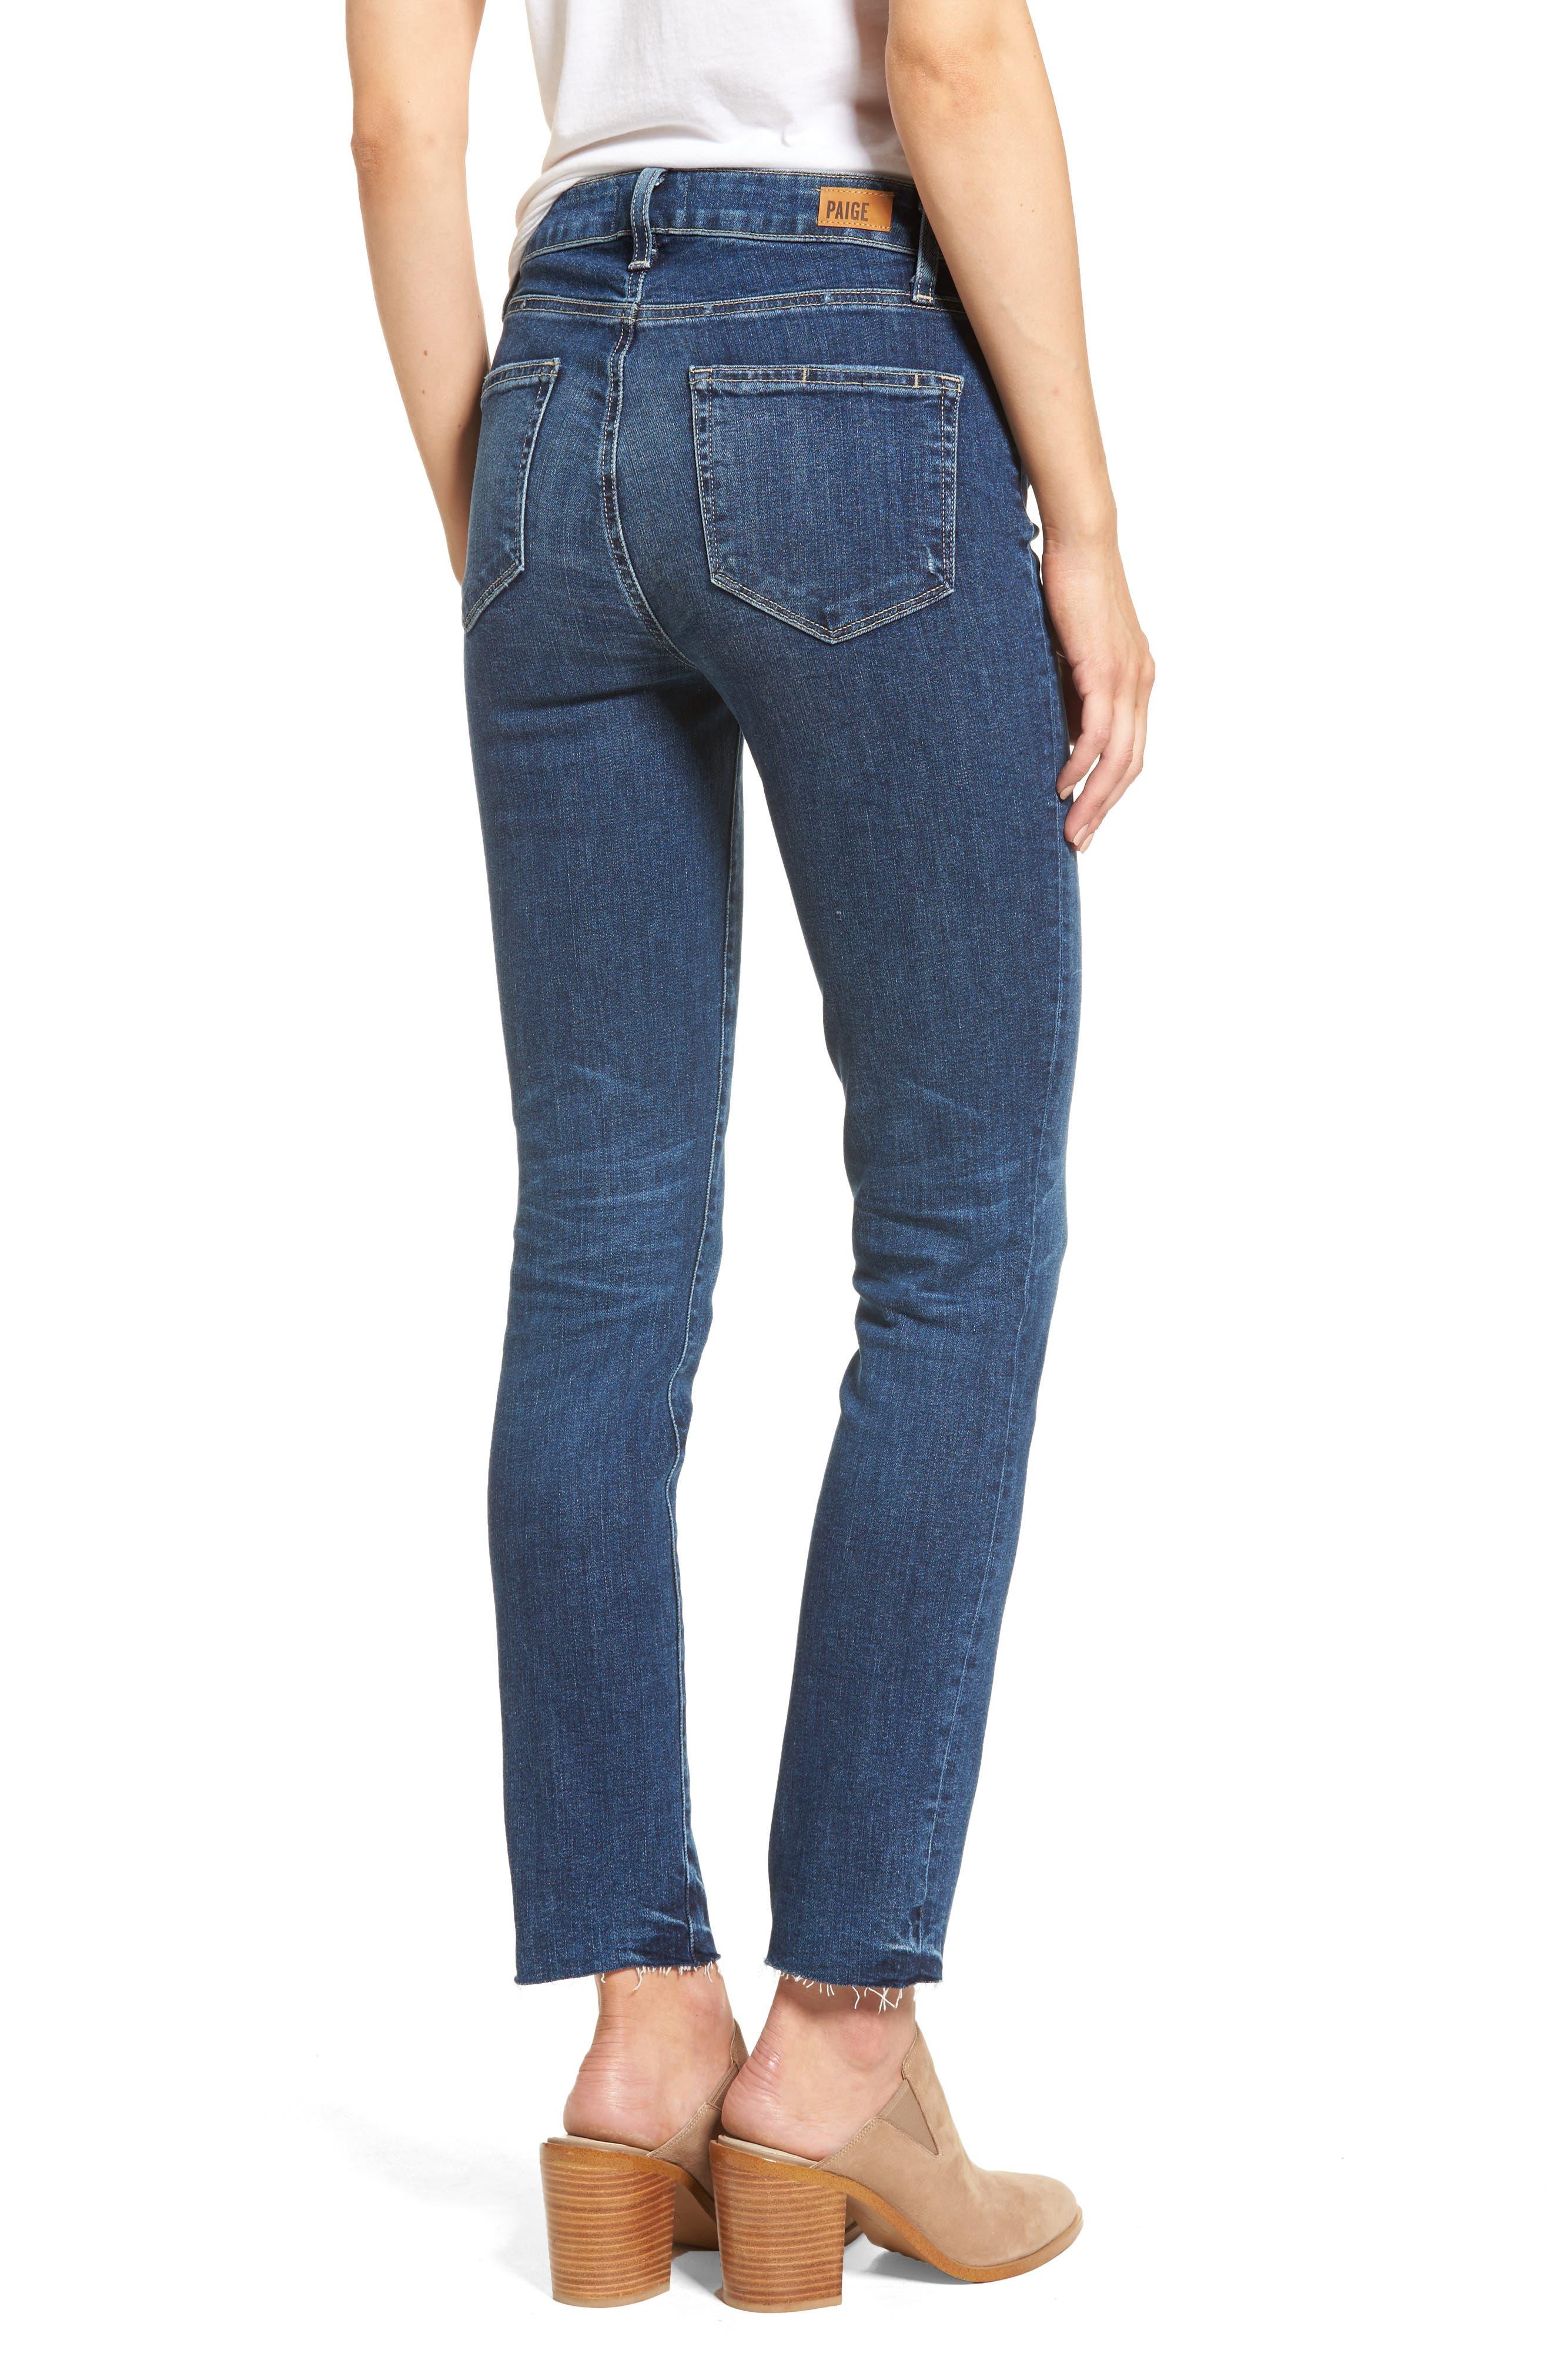 Transcend Vintage - Hoxton High Waist Ankle Peg Jeans,                             Alternate thumbnail 3, color,                             Riviera